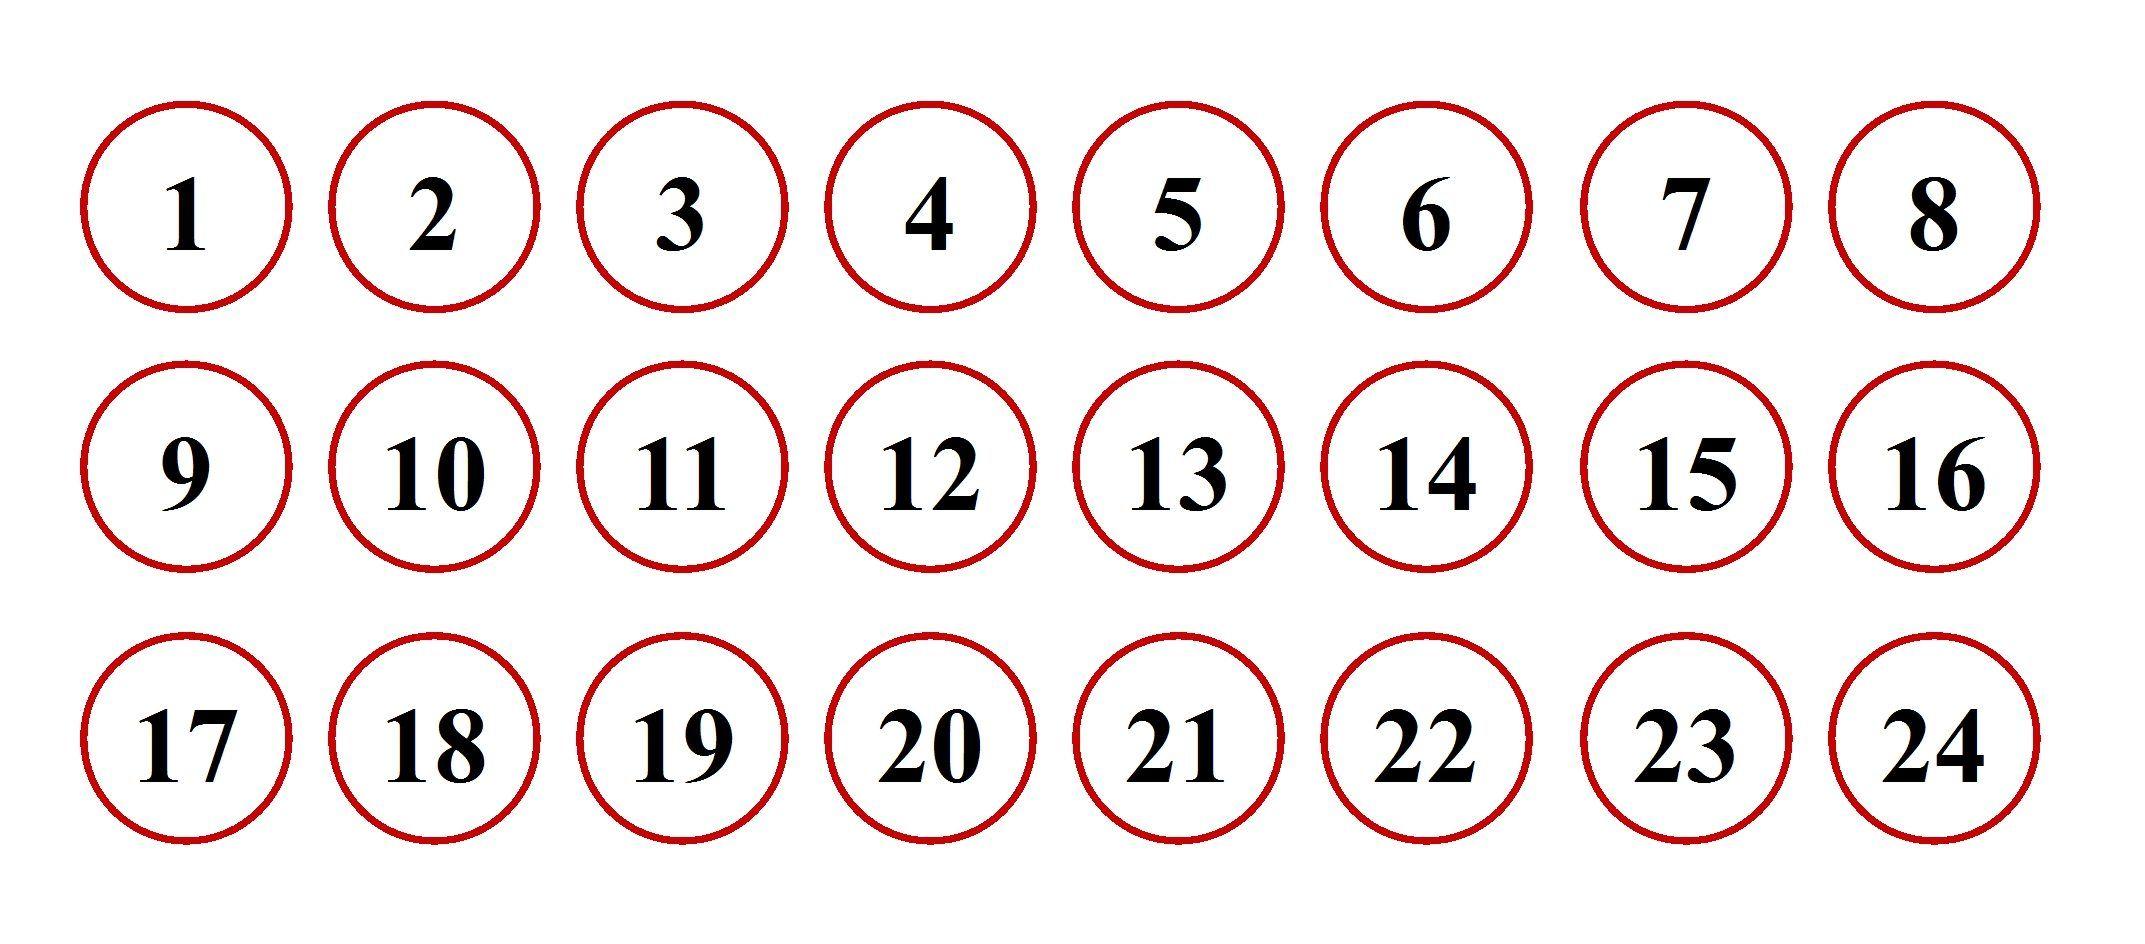 Gabarit calendrier de l 39 avent boites bonhommes de neige - Calendrier de l avent coloriage ...